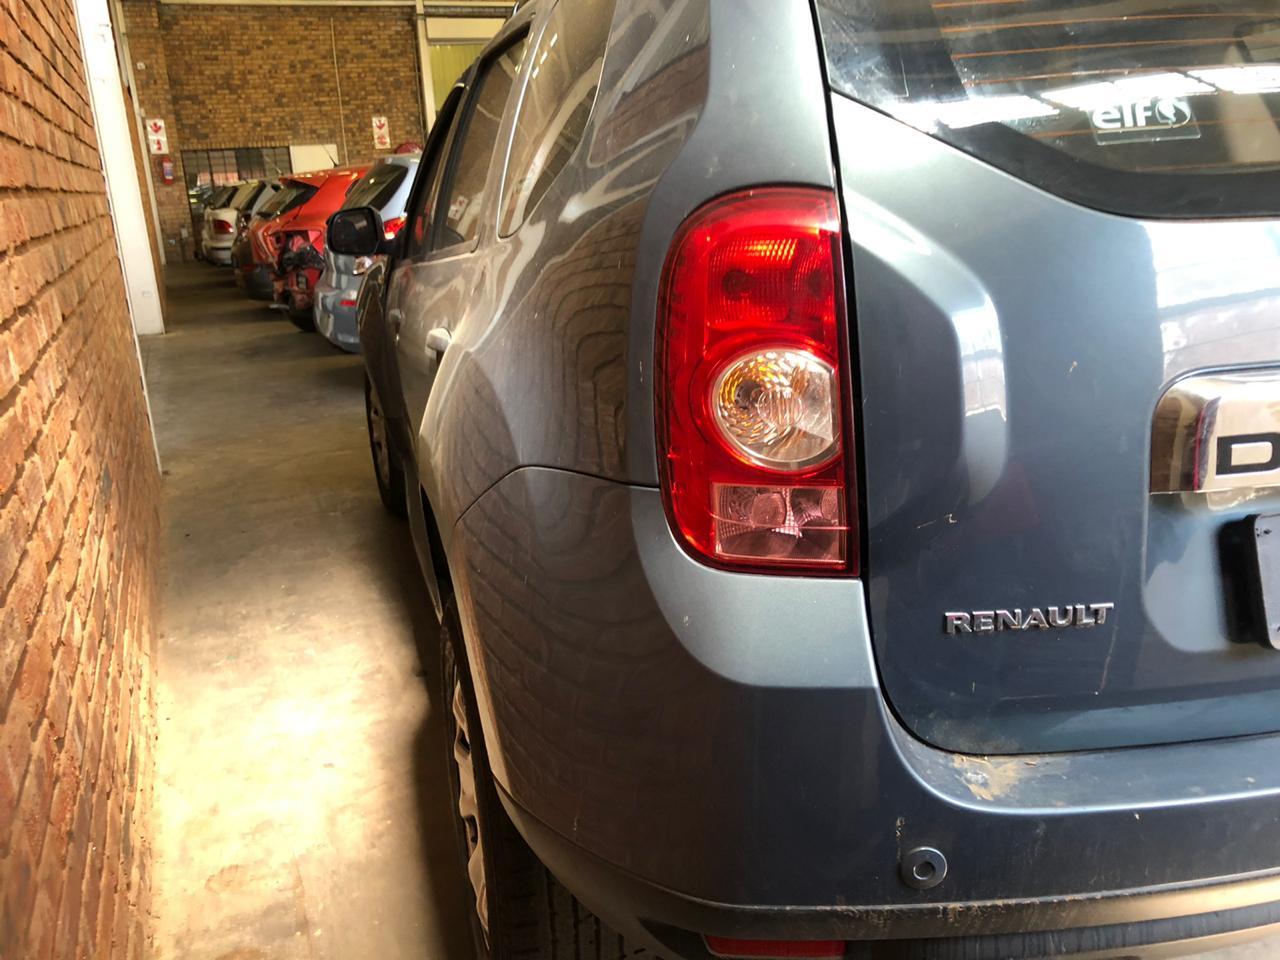 2014 Renault Duster 1.6 Dynamique Explore